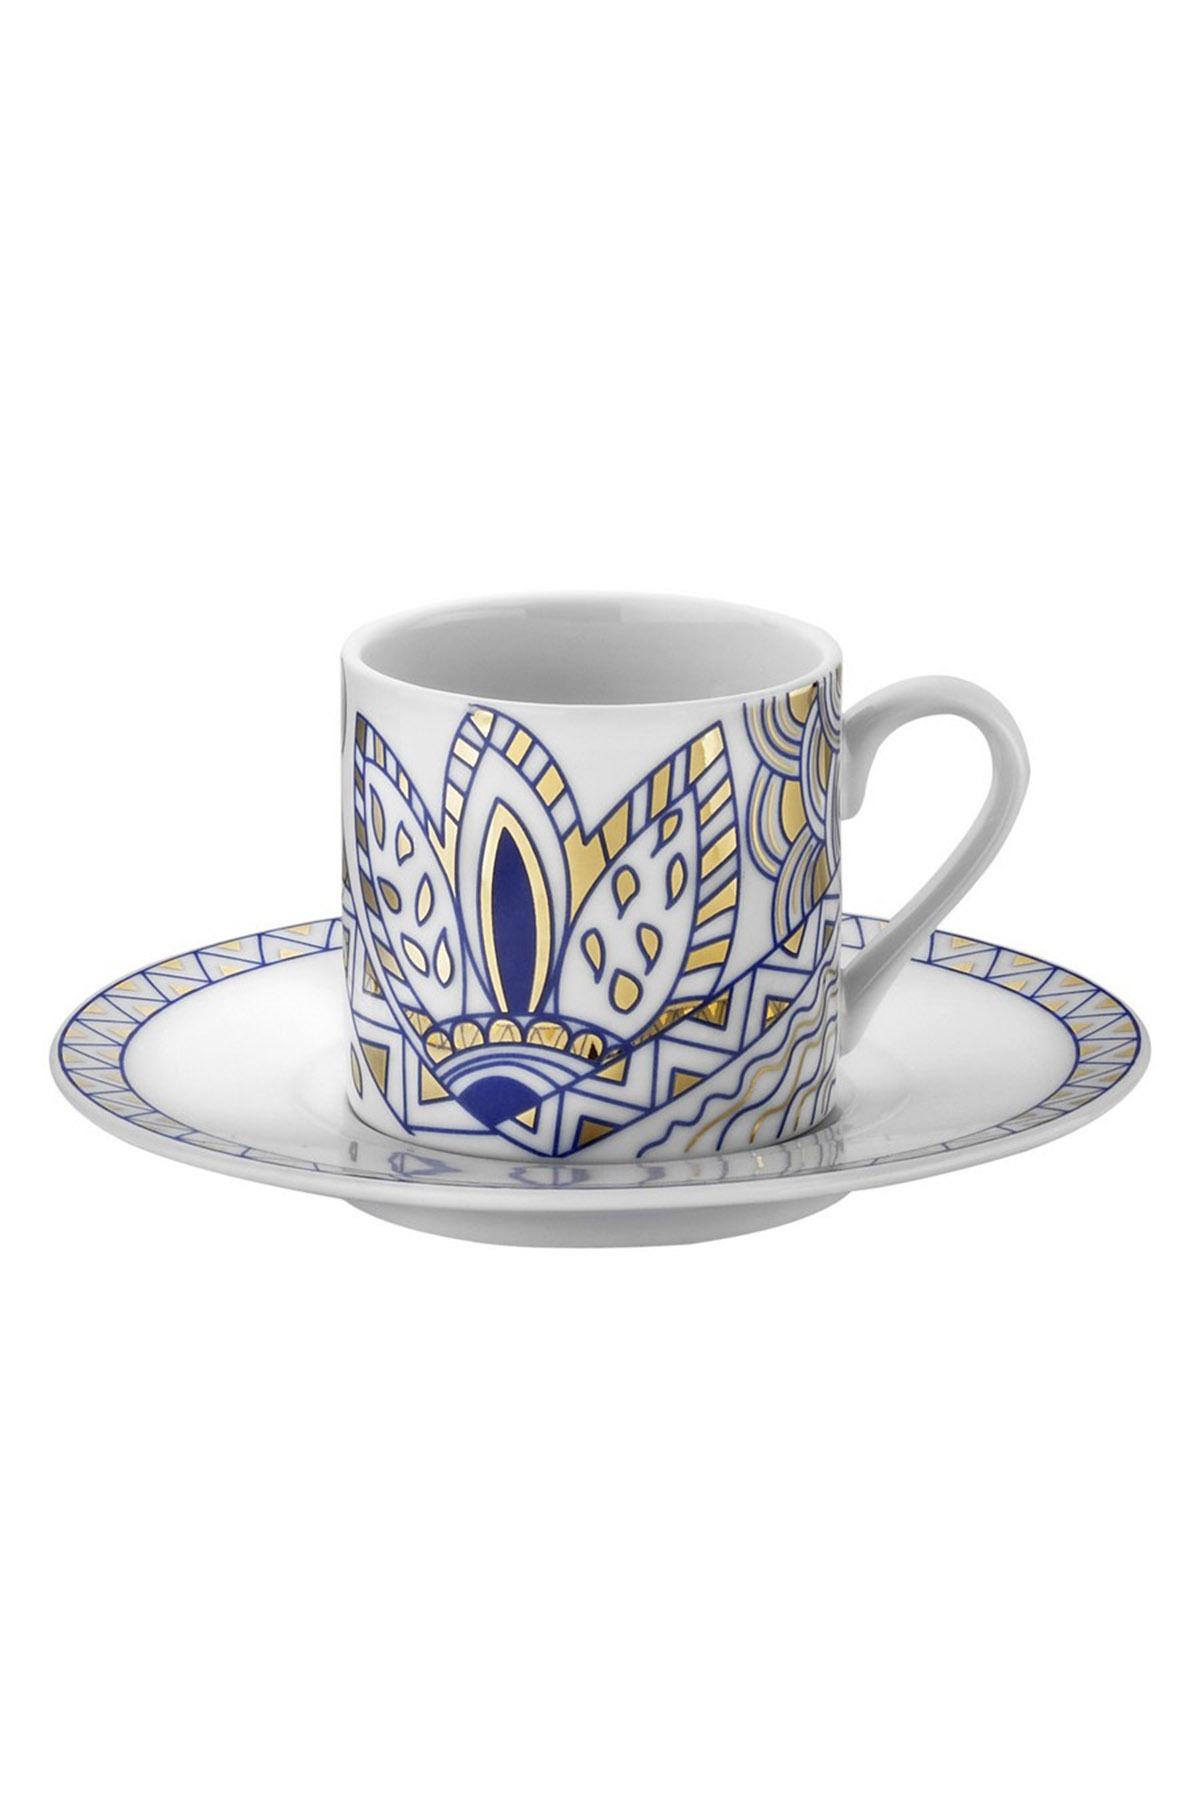 Kütahya Porselen Rüya 9234 Desen Kahve Fincan Takımı